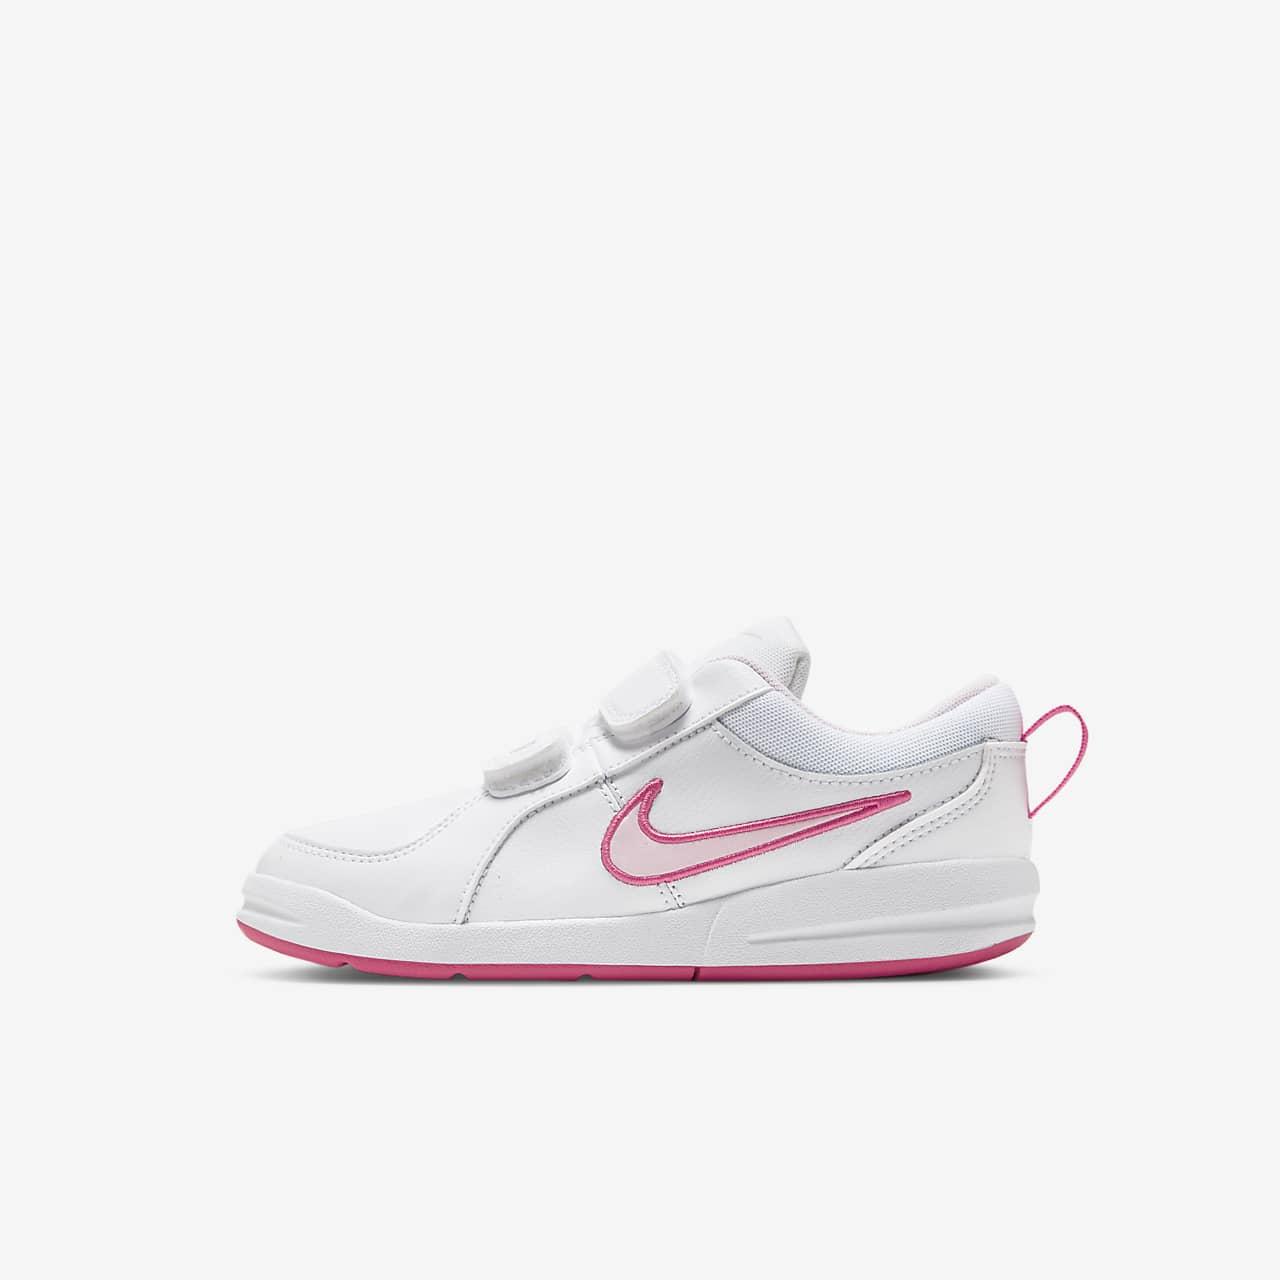 Παπούτσι για μικρά κορίτσια Nike Pico 4. Nike.com GR 0fbde23d86c